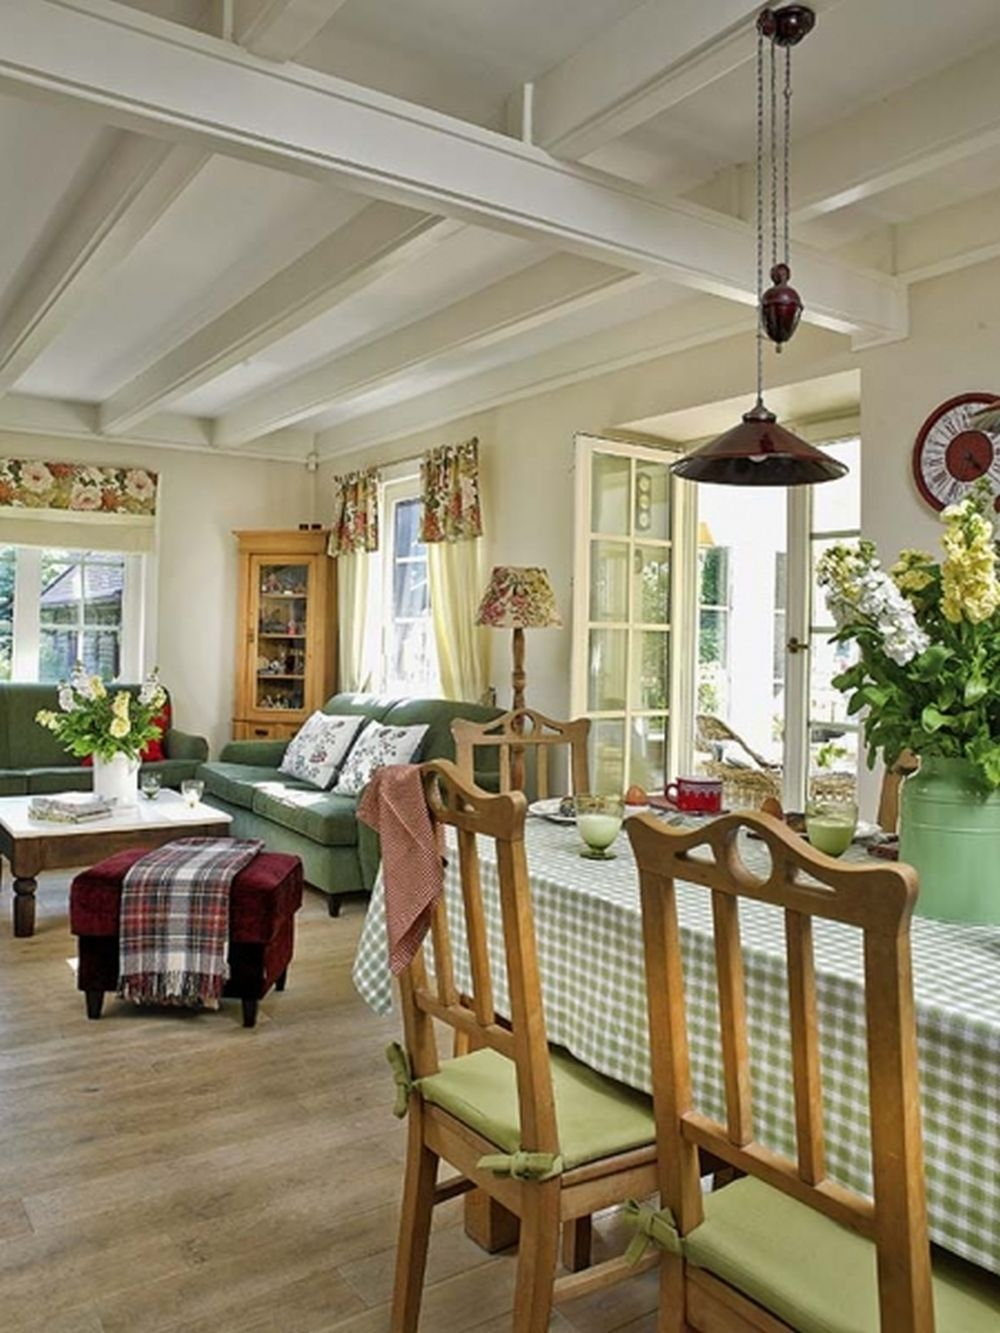 adelaparvu.com despre casa in stil rustic, Polonia, Foto Michal Skorupski (7)